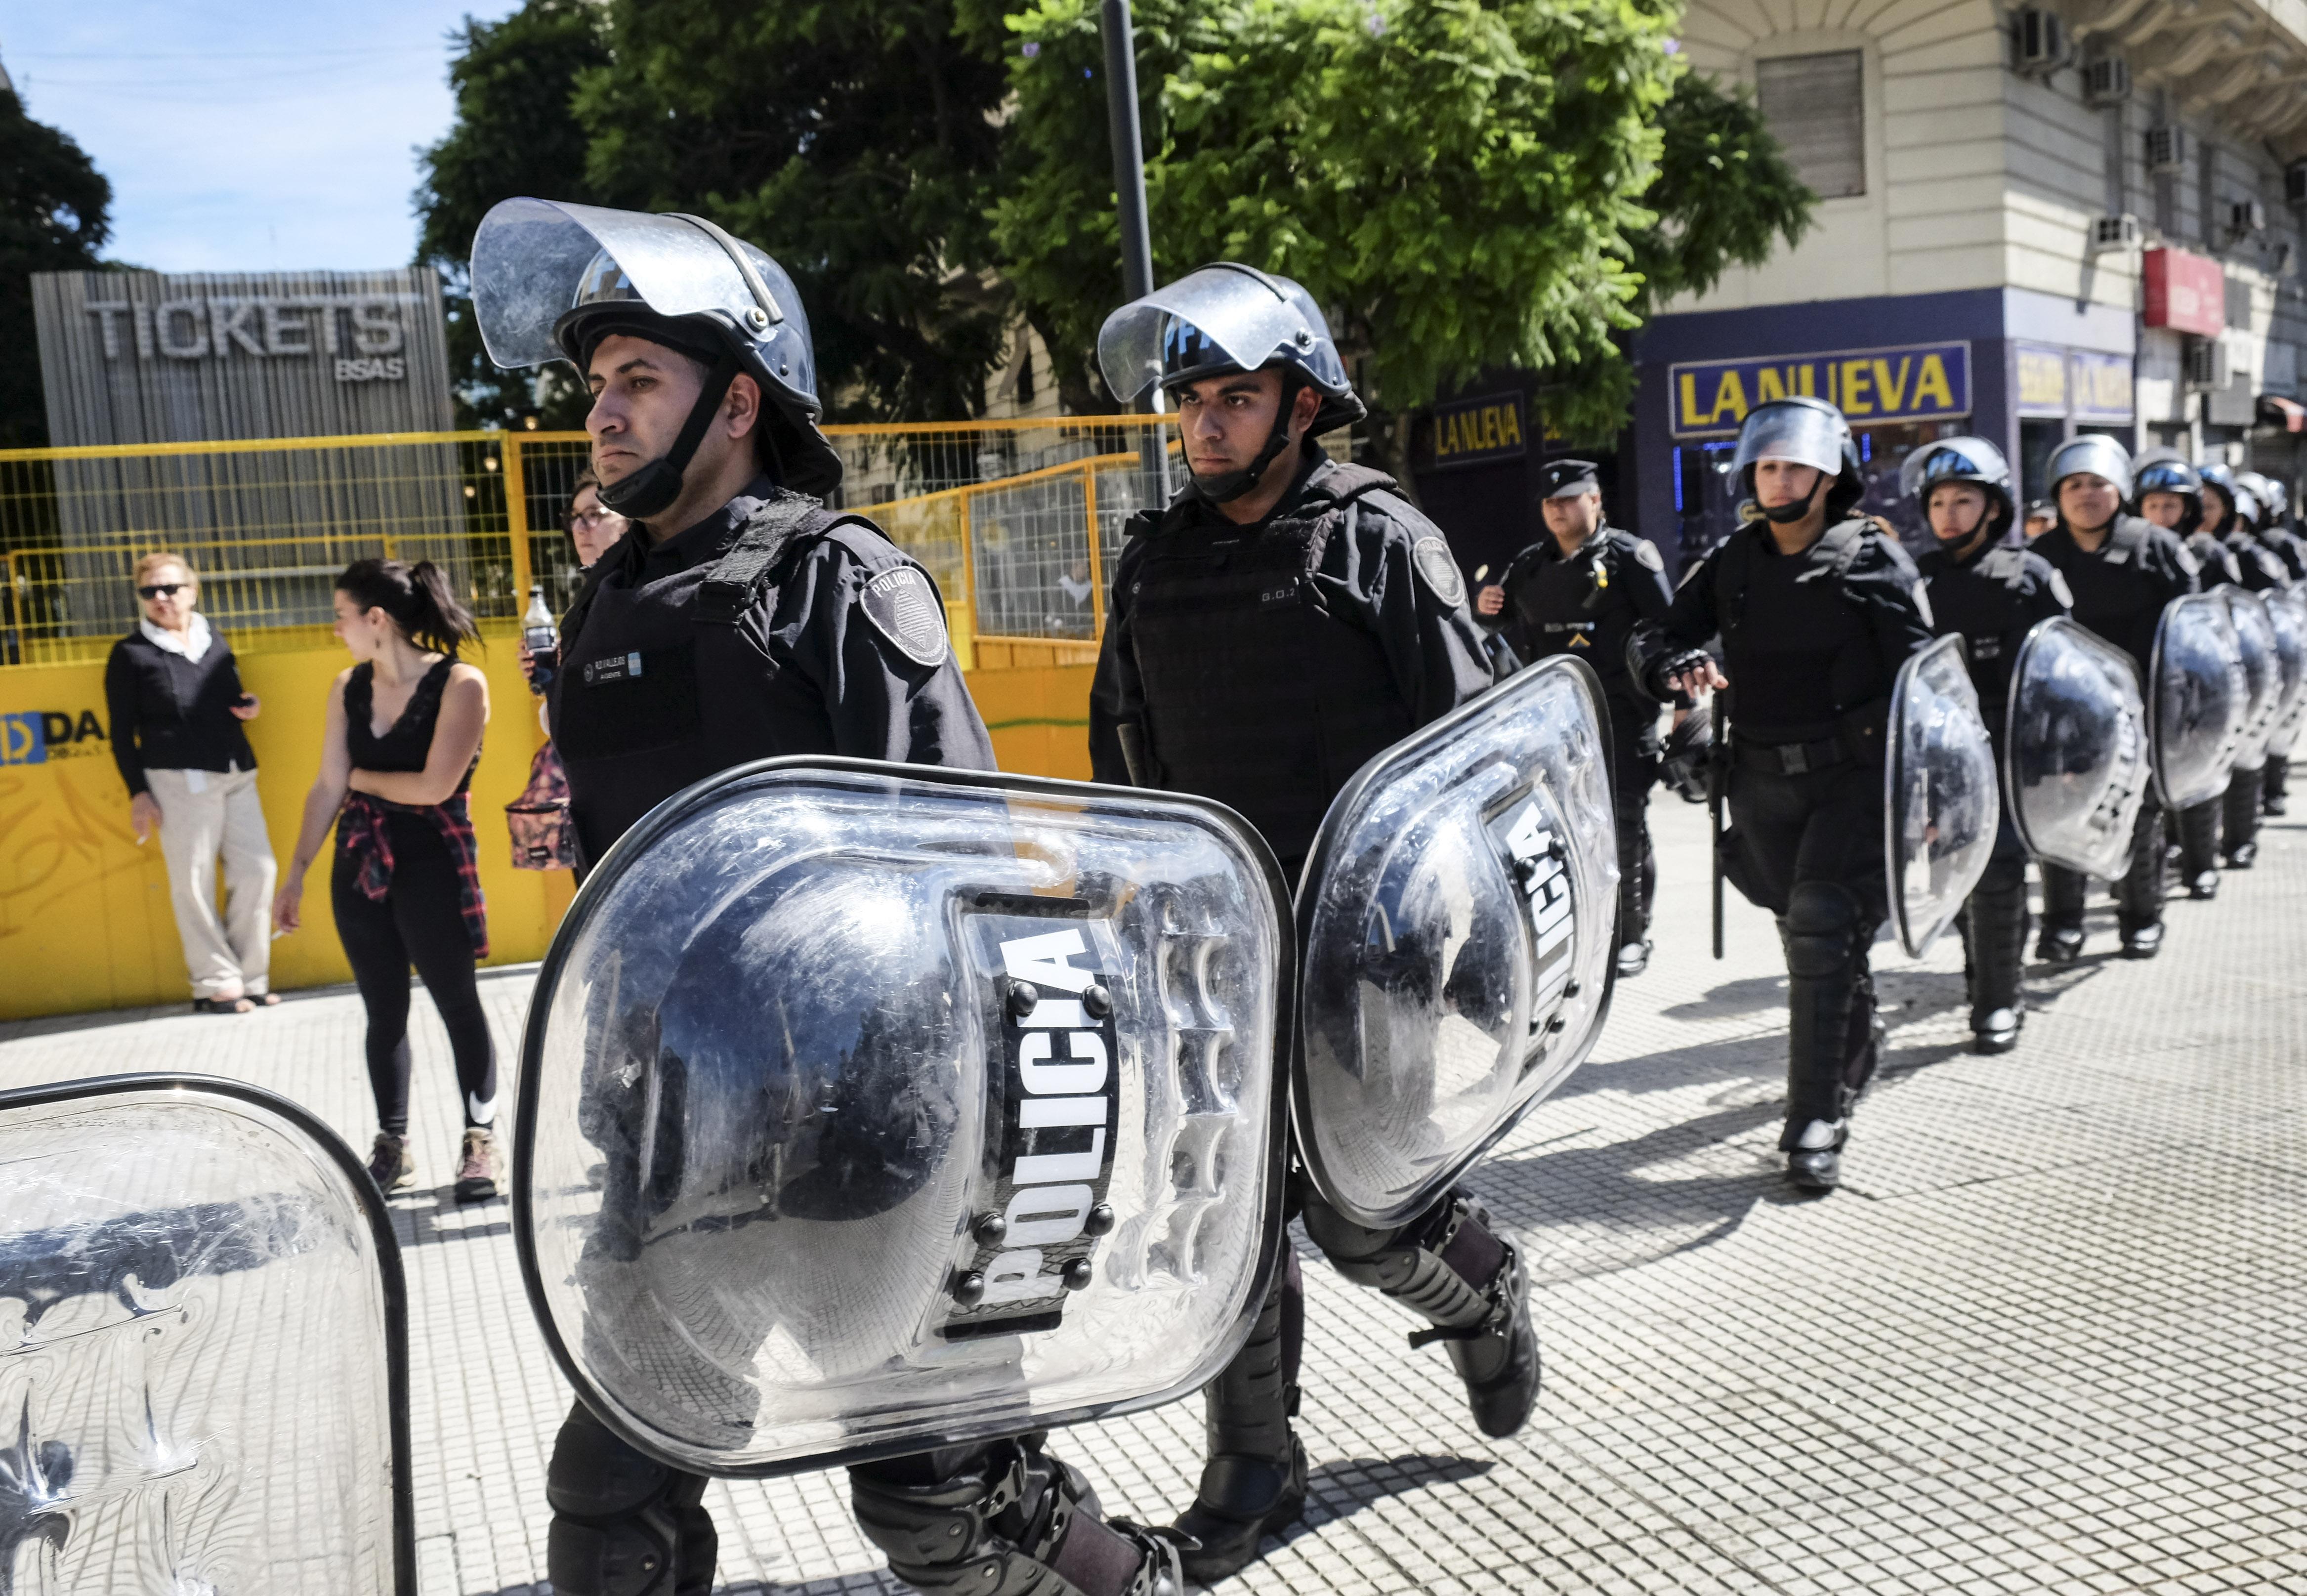 Foto: agencia Noticias Argentinas